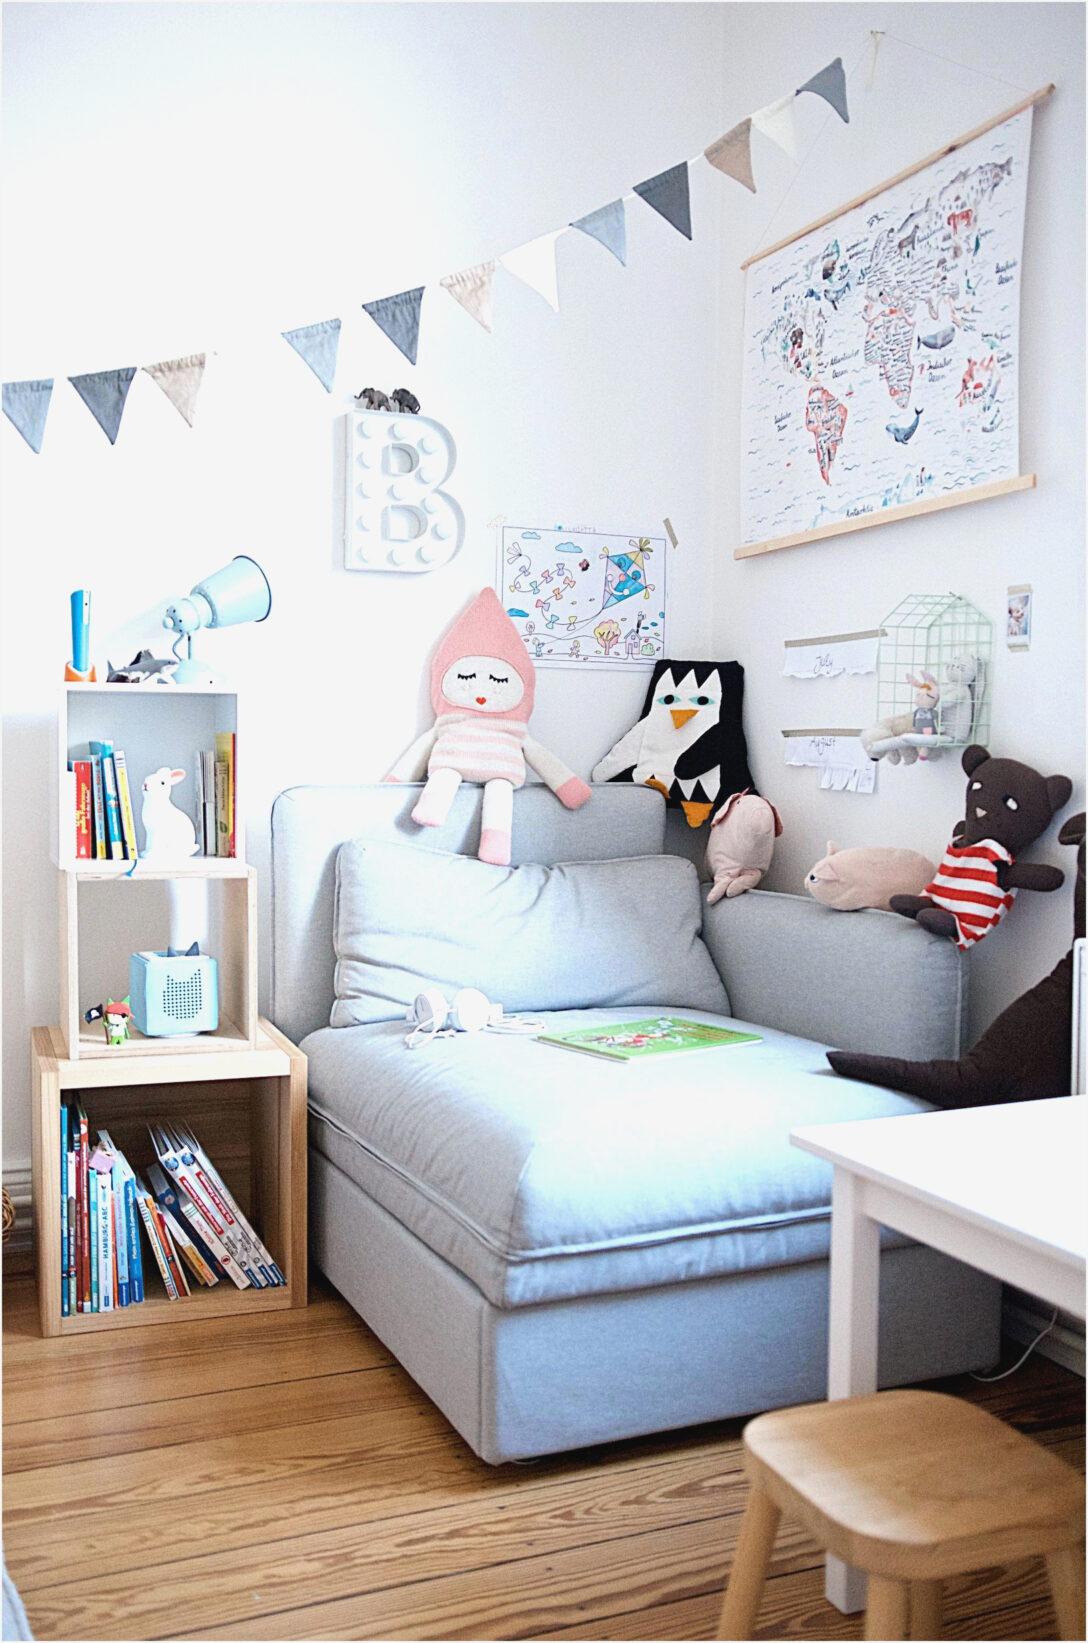 Large Size of Wandgestaltung Kinderzimmer Junge 6 Jahre Regal Weiß Sofa Regale Wohnzimmer Wandgestaltung Kinderzimmer Jungen